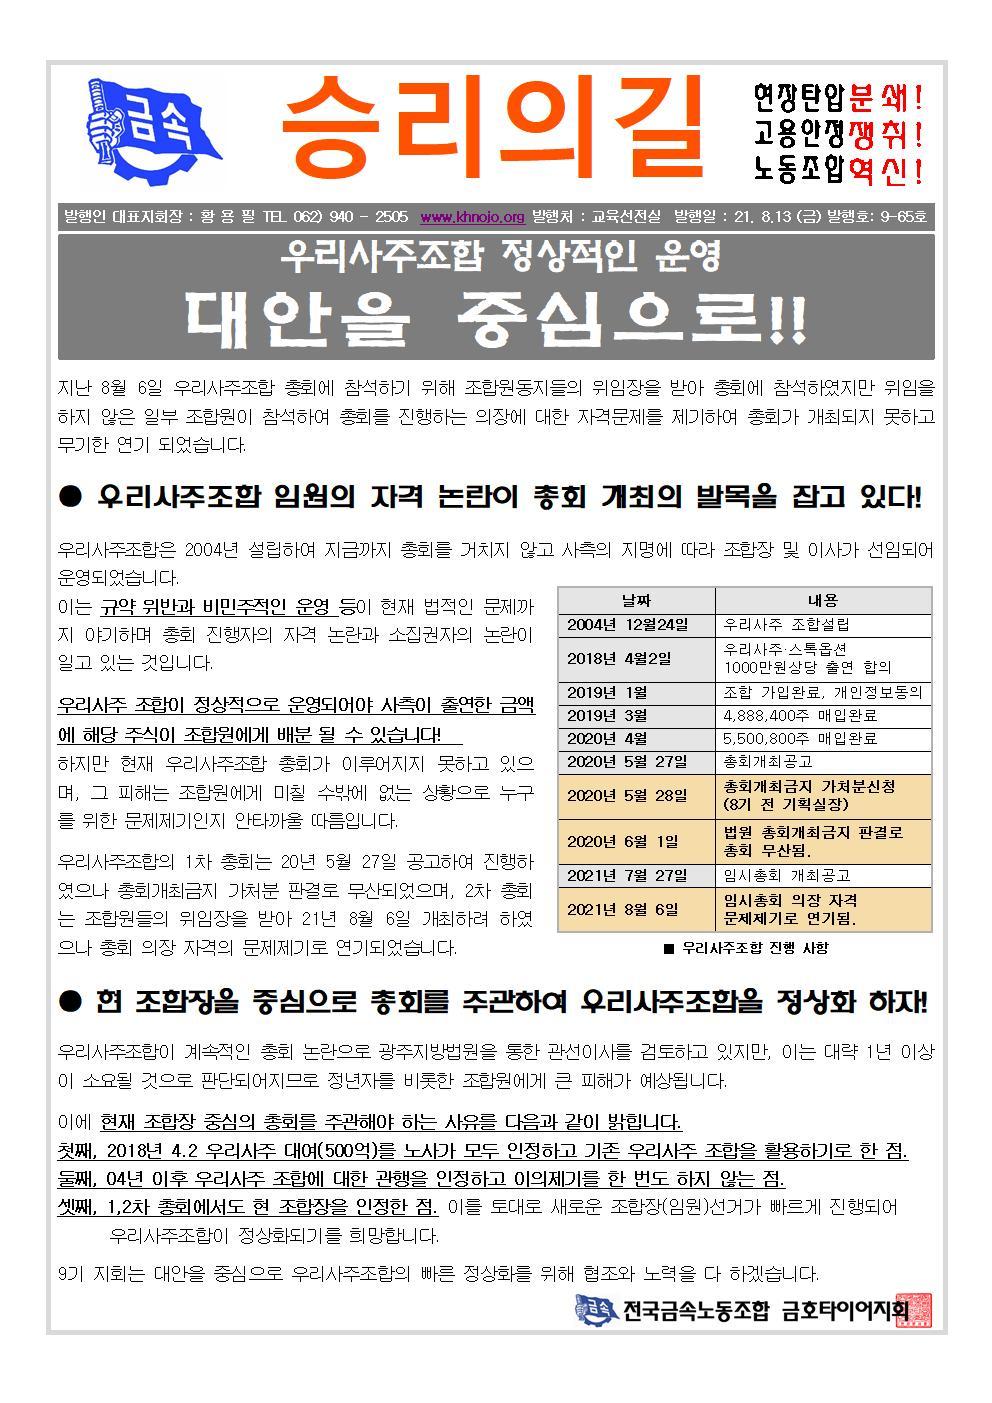 승리의길 9-65호 확정(우리사주총회)001.jpg